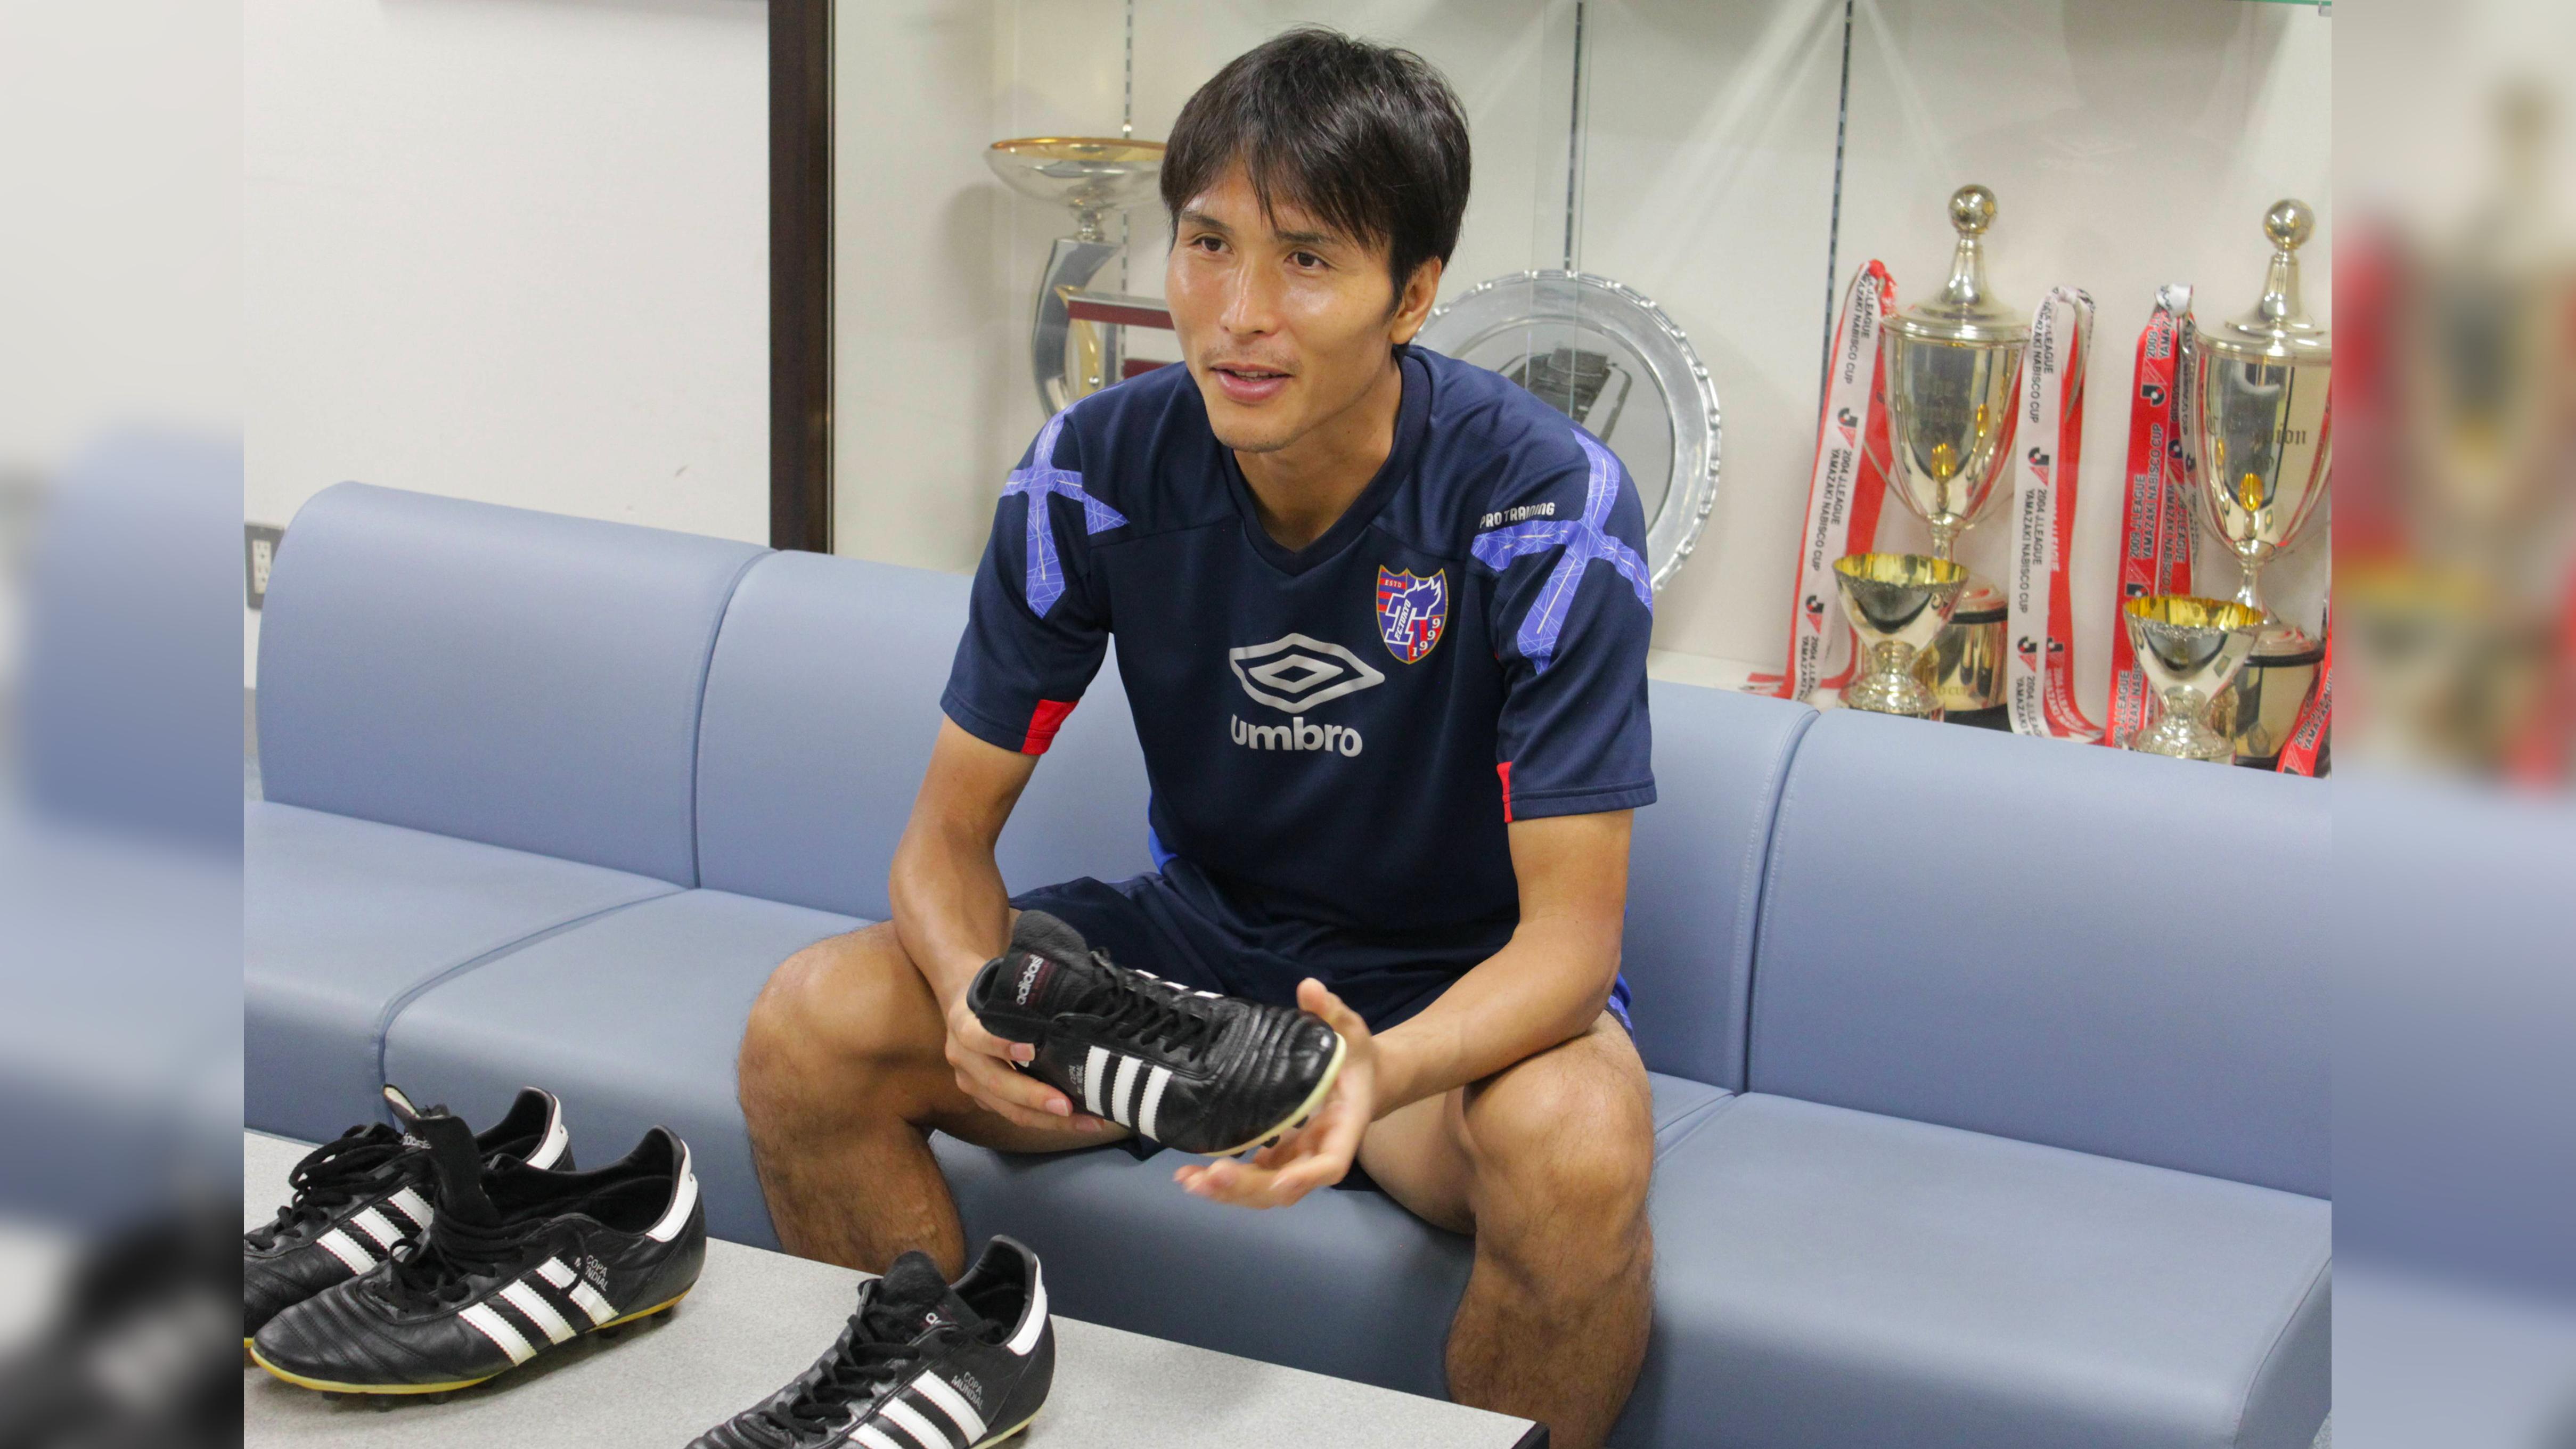 前田遼一、コパ・ムンディアルを大いに語るVol.3「コパムンを履いてから、怪我をしなくなったんです」